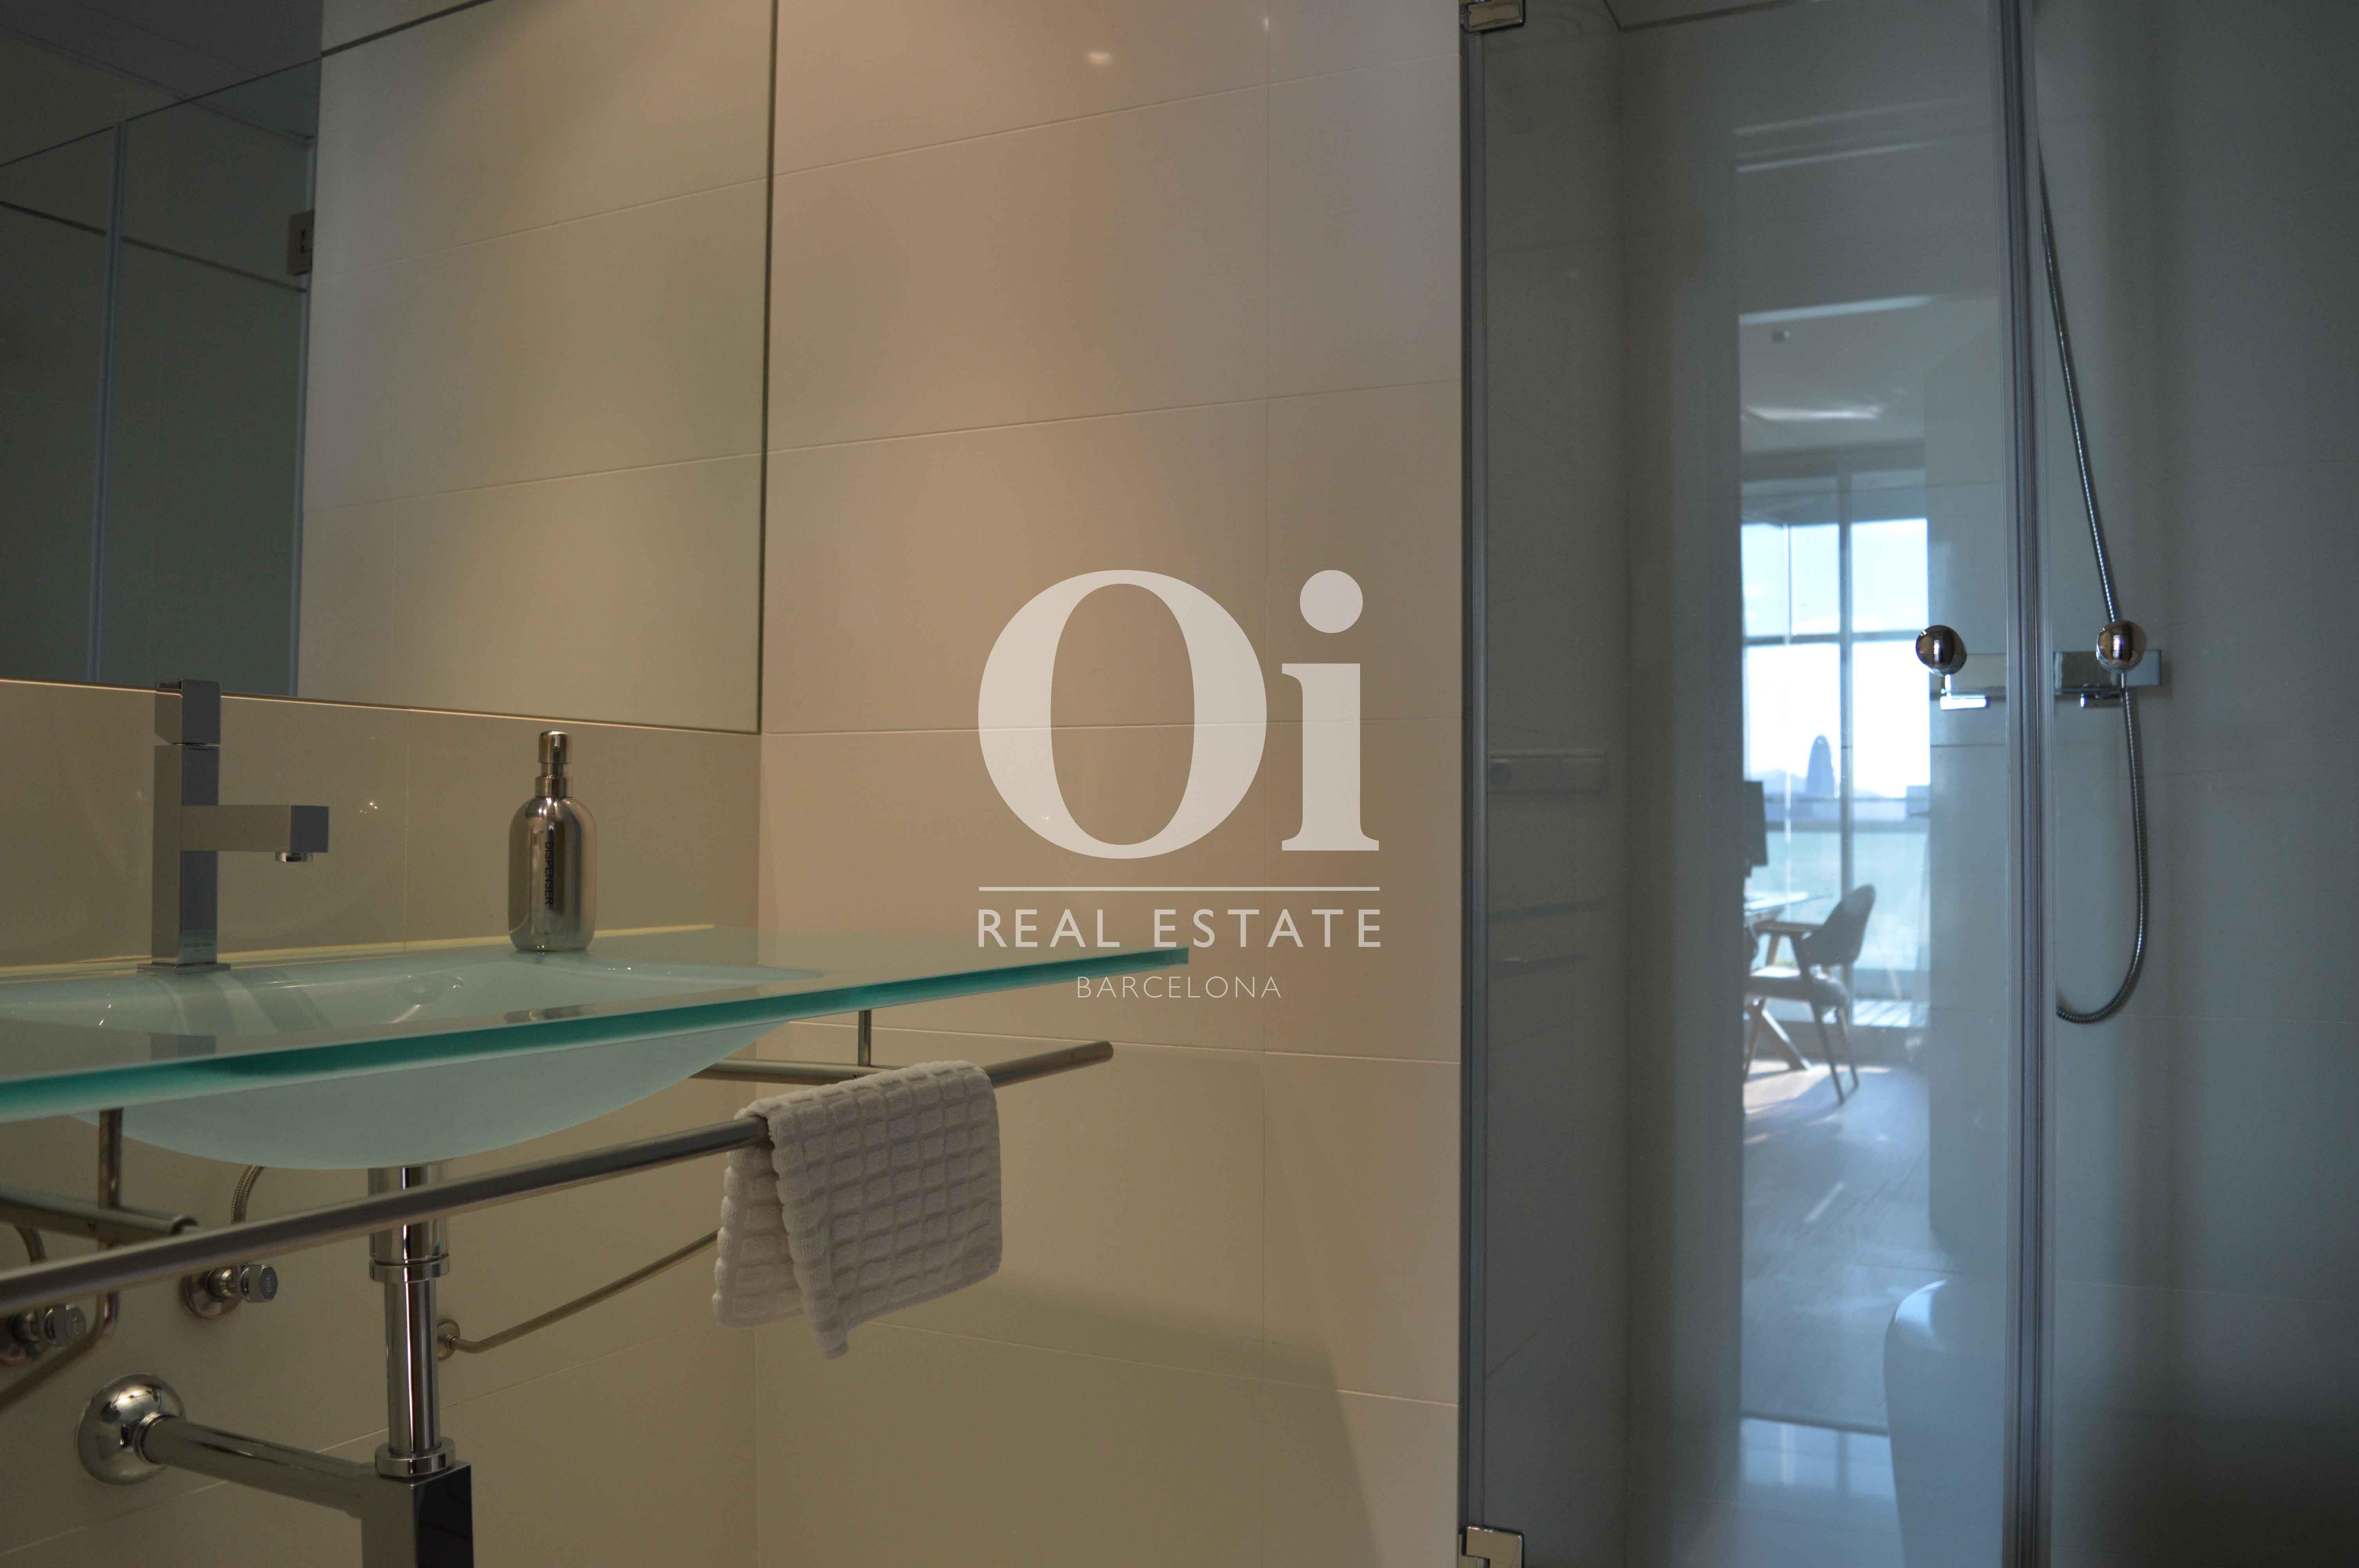 Salle de bain d'appartement à vendre à Diagonal Mar, Barcelone